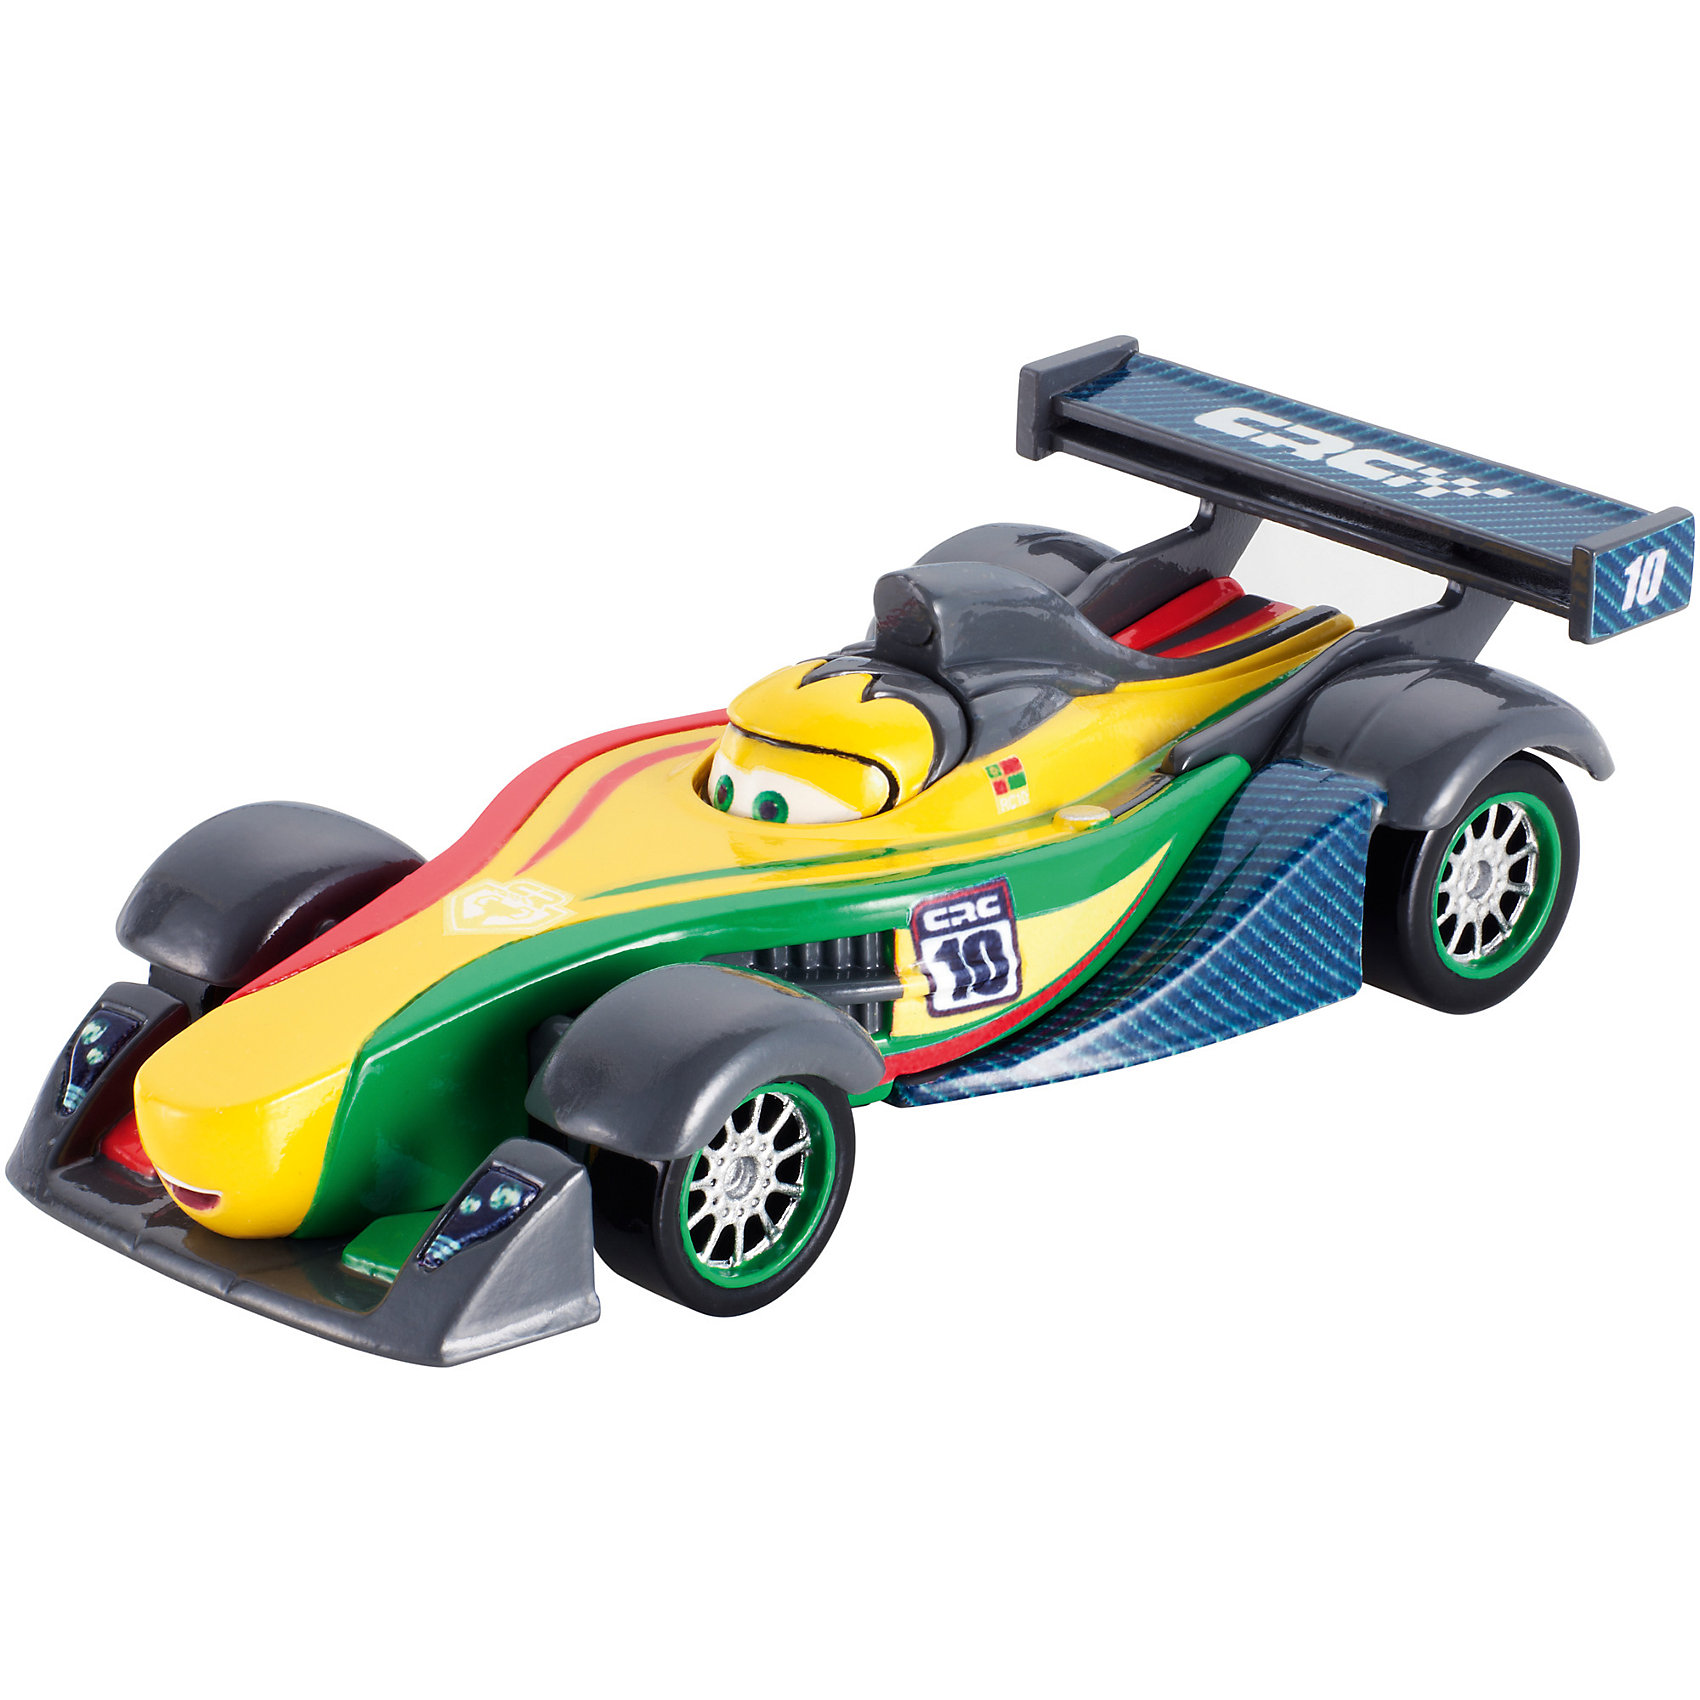 Карбоновый гонщик, ТачкиИгрушечная машинка Тачки: Карбоновый гонщик от Mattel представляет собой гоночный автомобиль, который исполнен по мотивам известного и любимого многими детьми диснеевского мультика Тачки. Эта игрушка станет прекрасным подарком для любого мальчика. Играть с ней можно повсюду. А также будет интересно придумывать свои истории тачек.<br>В товар входит:<br>-машинка<br><br>Дополнительная информация:<br>-Цвет: жёлтый,красный,зелёный<br>-Возраст: от 3 лет<br>-Для мальчиков<br>-Материал: металл,пластик<br>-Упаковка: блистер на картоне<br>-Бренд: Mattel<br><br>Ширина мм: 45<br>Глубина мм: 140<br>Высота мм: 165<br>Вес г: 83<br>Возраст от месяцев: 36<br>Возраст до месяцев: 120<br>Пол: Мужской<br>Возраст: Детский<br>SKU: 4973456